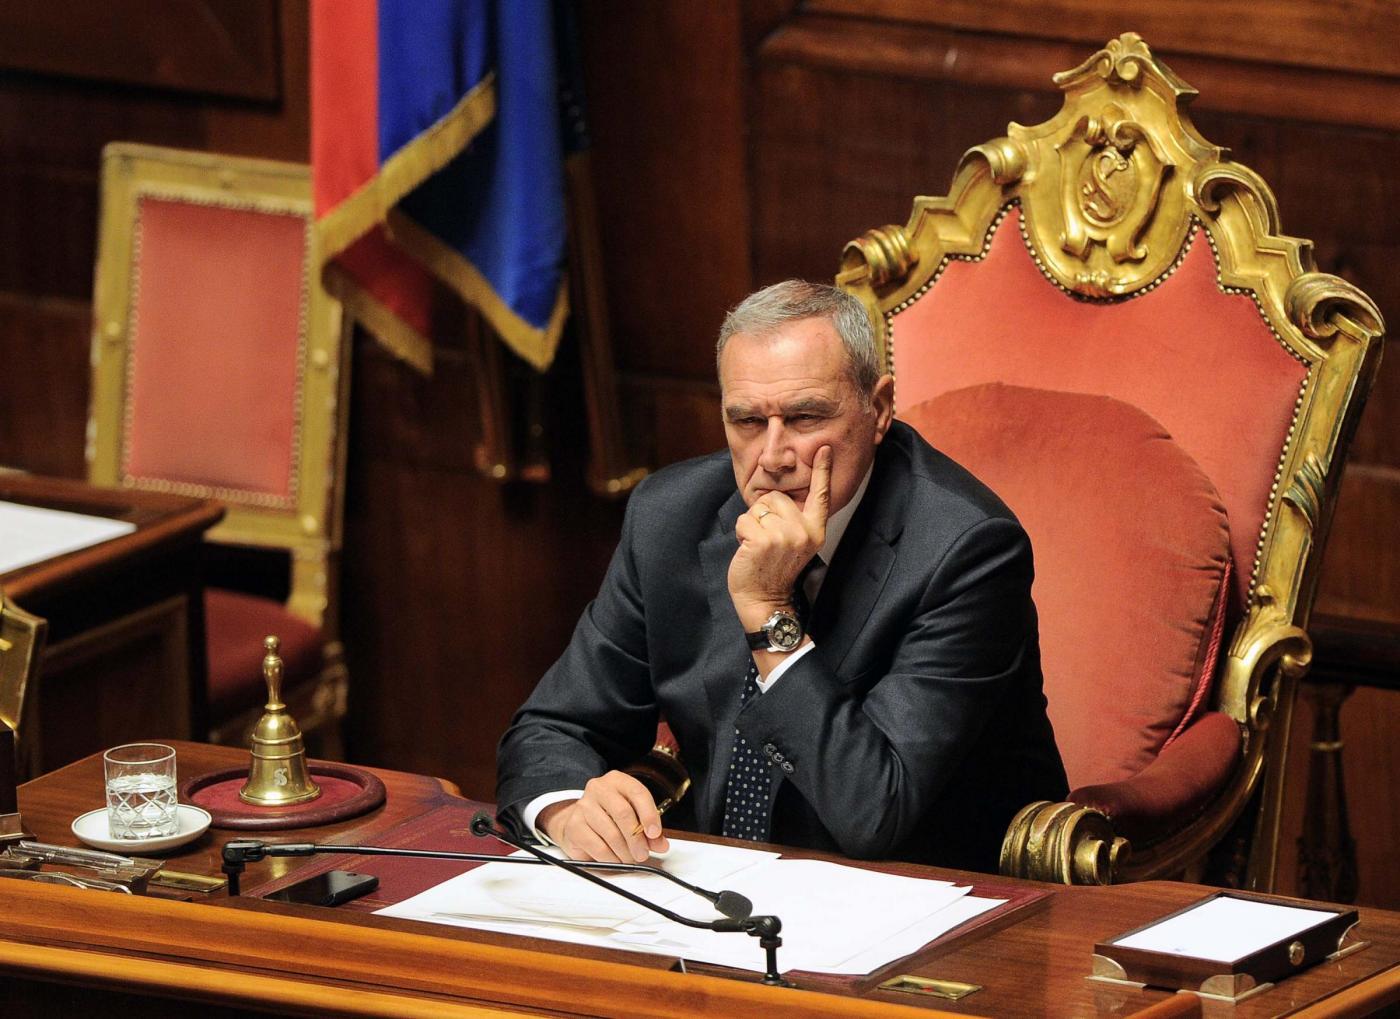 Piero Grasso Presidente della Repubblica supplente: cosa può fare?